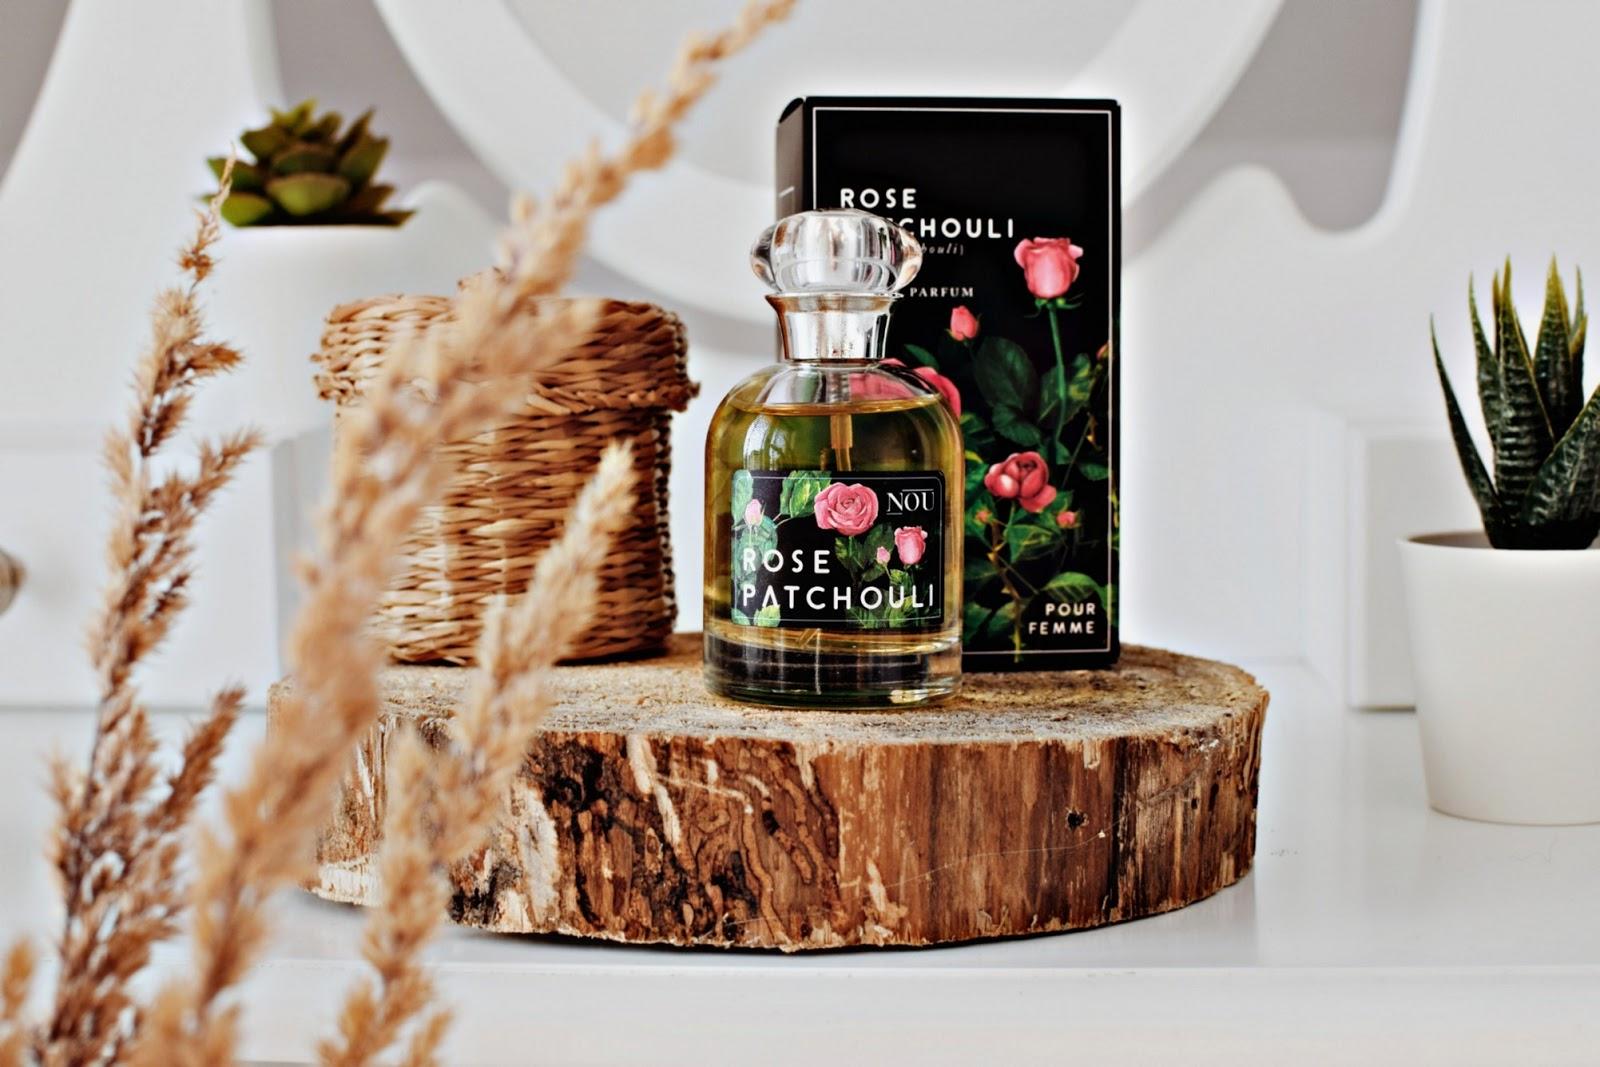 Damskie perfumy NOU